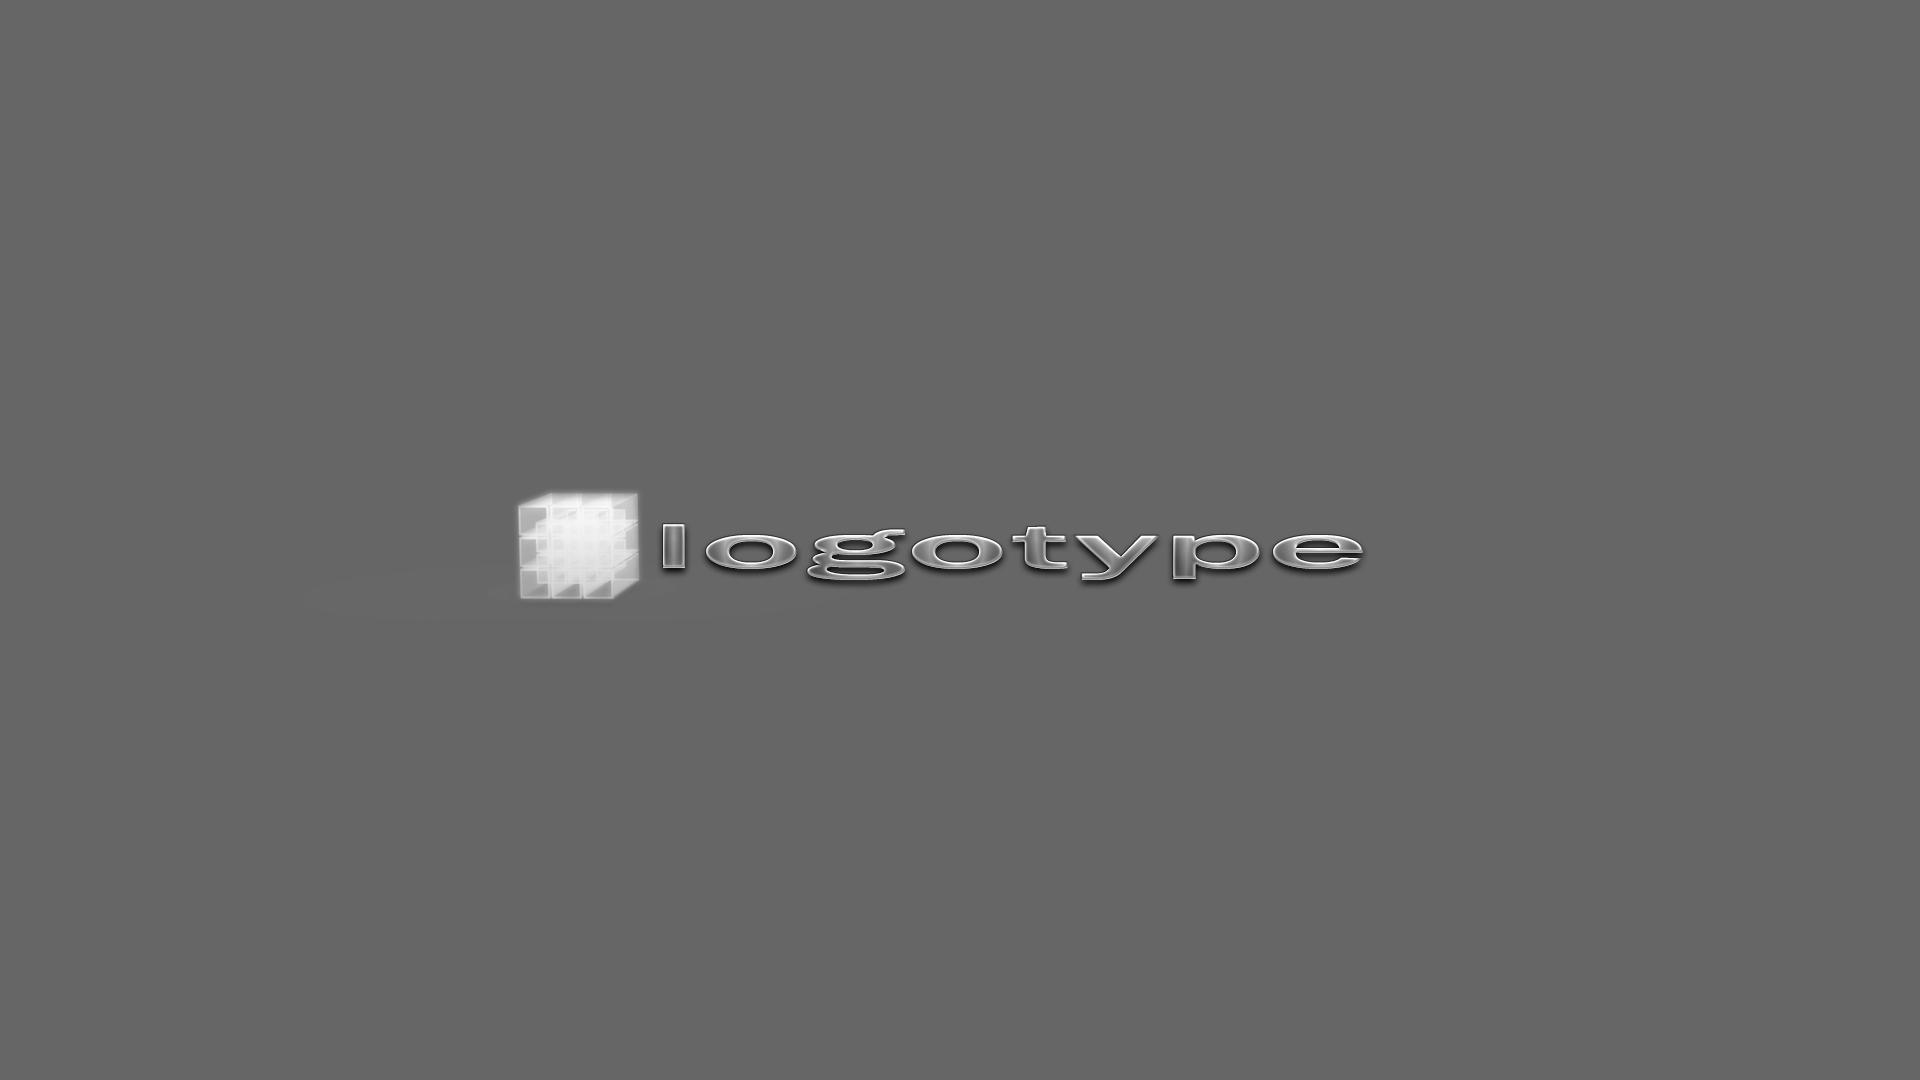 Разработка логотипа для вебстудии фото f_0145c8bf7f60bb97.jpg